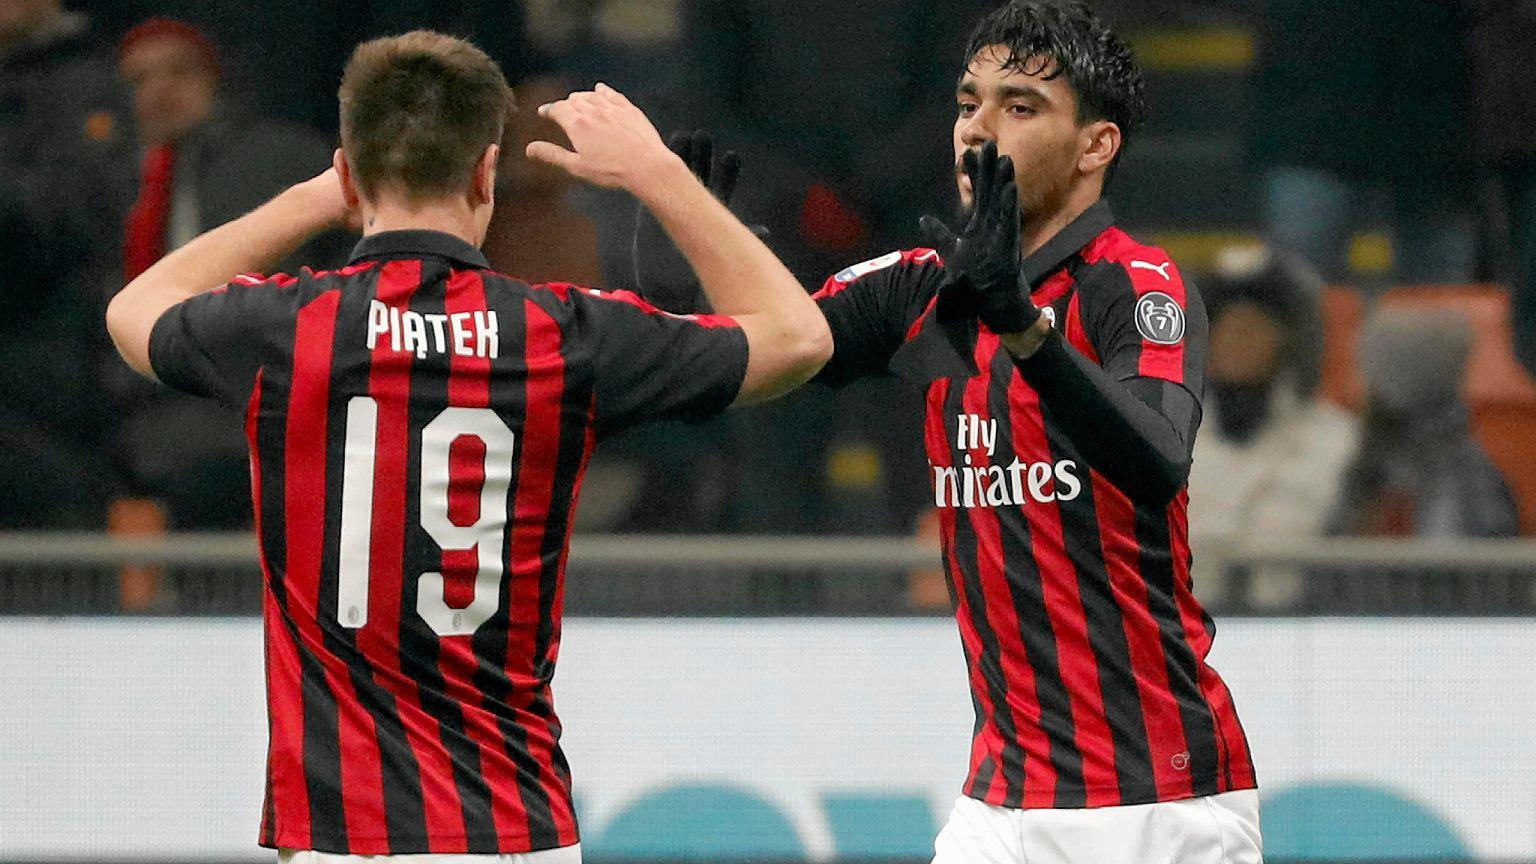 PSG chce sprowadzić piłkarza Milanu. Włosi żądają 35 mln euro Piłka nożna - Sport.pl